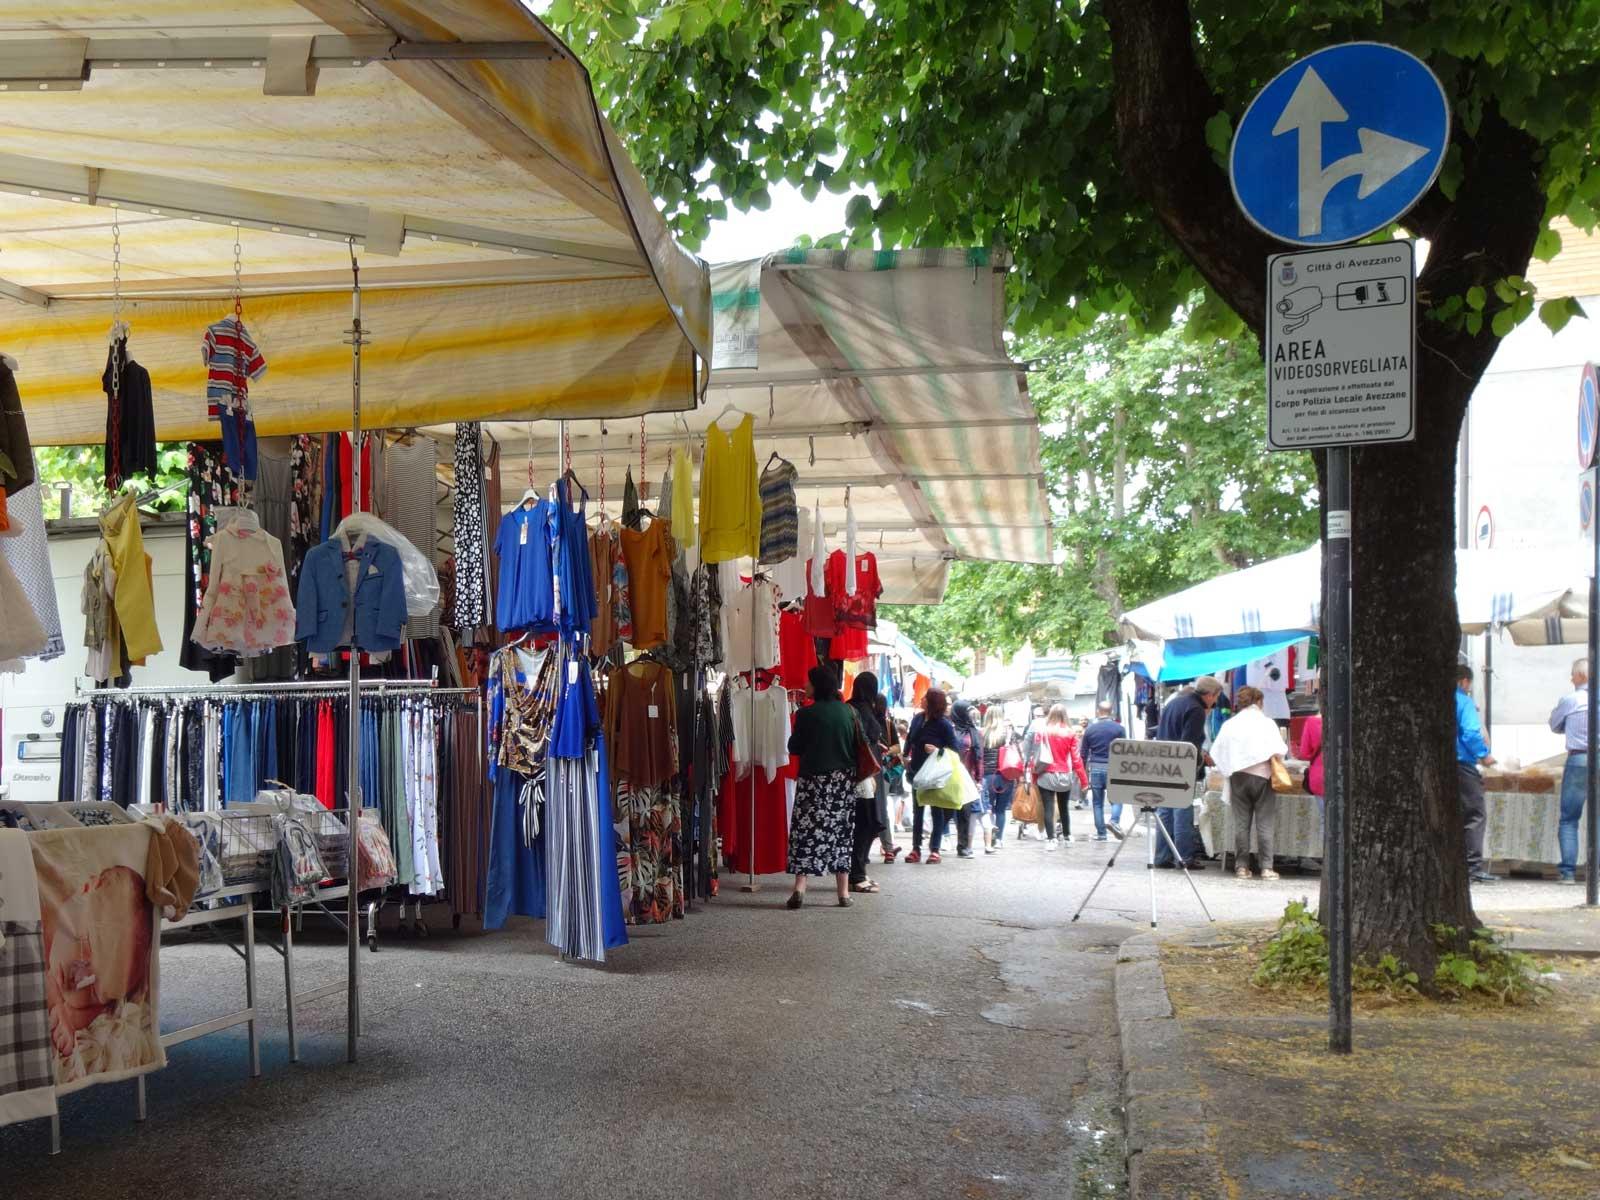 """Ripartenza del tradizionale mercato il 1 maggio, Cna Avezzano: """"Il miglior modo per festeggiare il lavoro"""""""